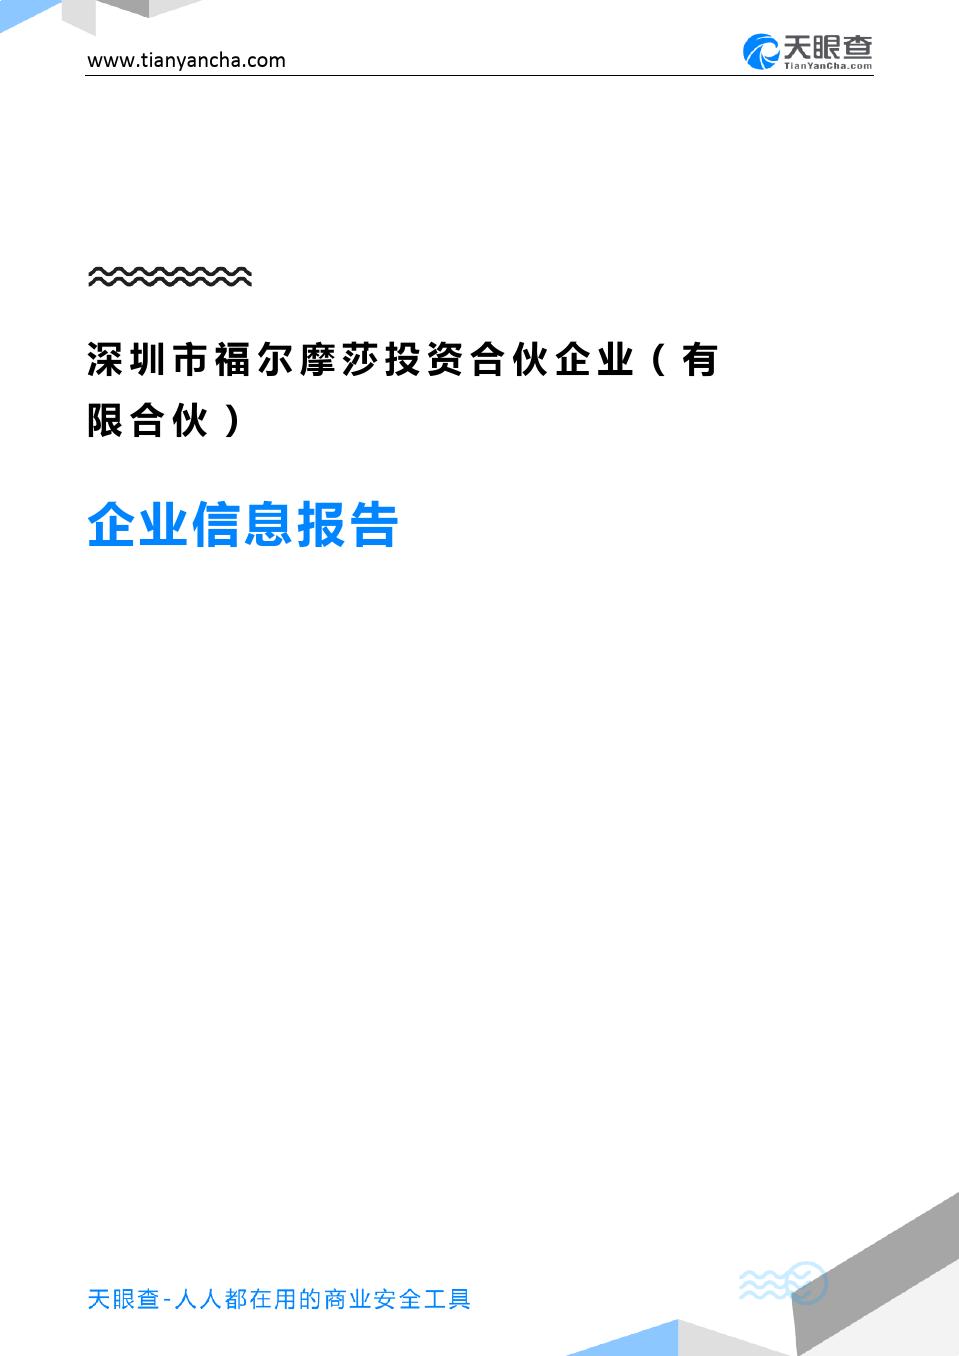 深圳市福尔摩莎投资合伙企业(有限合伙)企业信息报告-天眼查